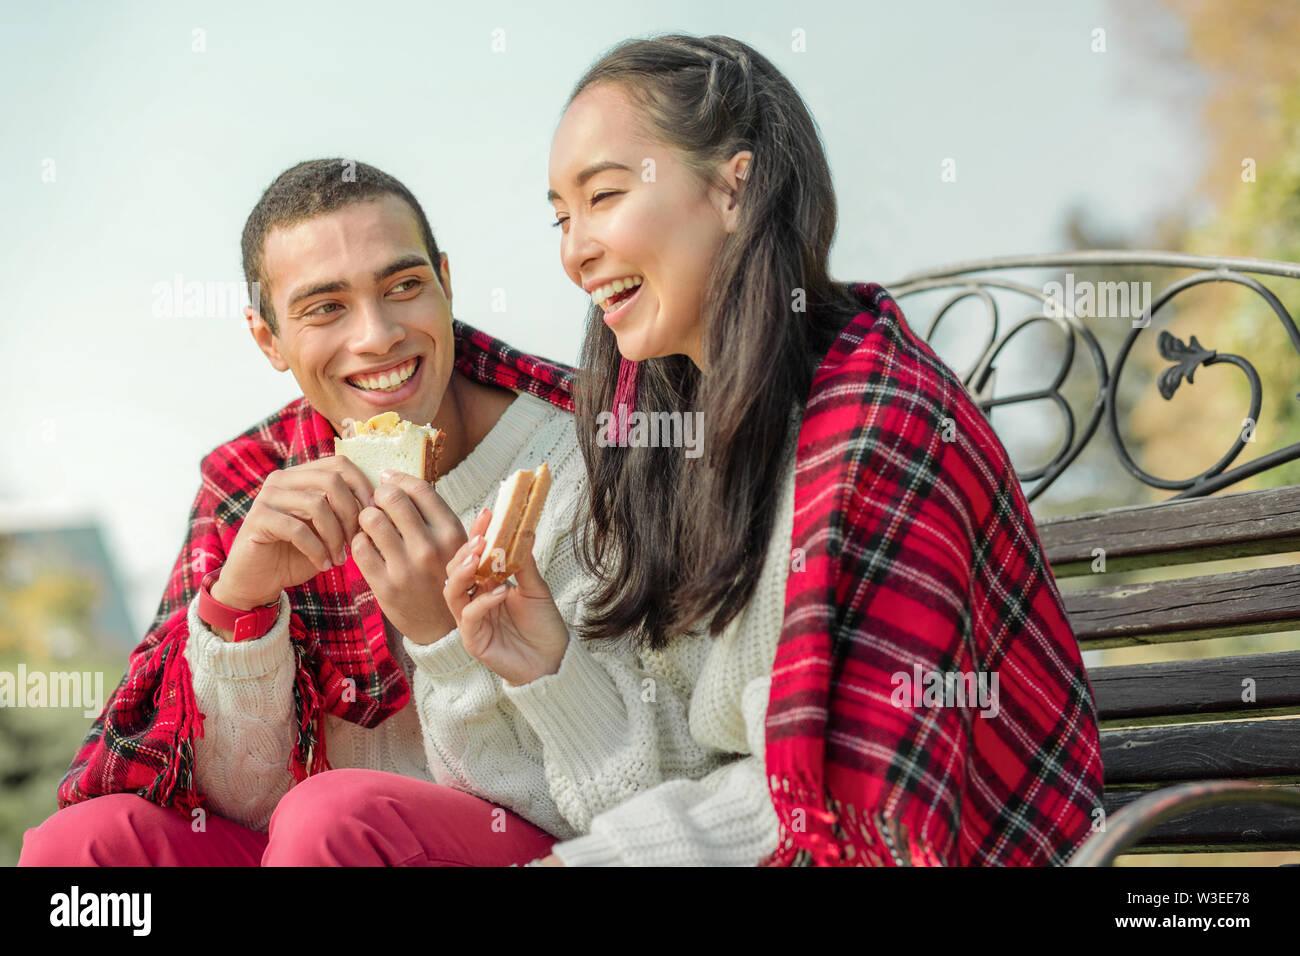 Bon joyeux-à manger quelques sandwichs fraîchement préparés sur un banc Photo Stock